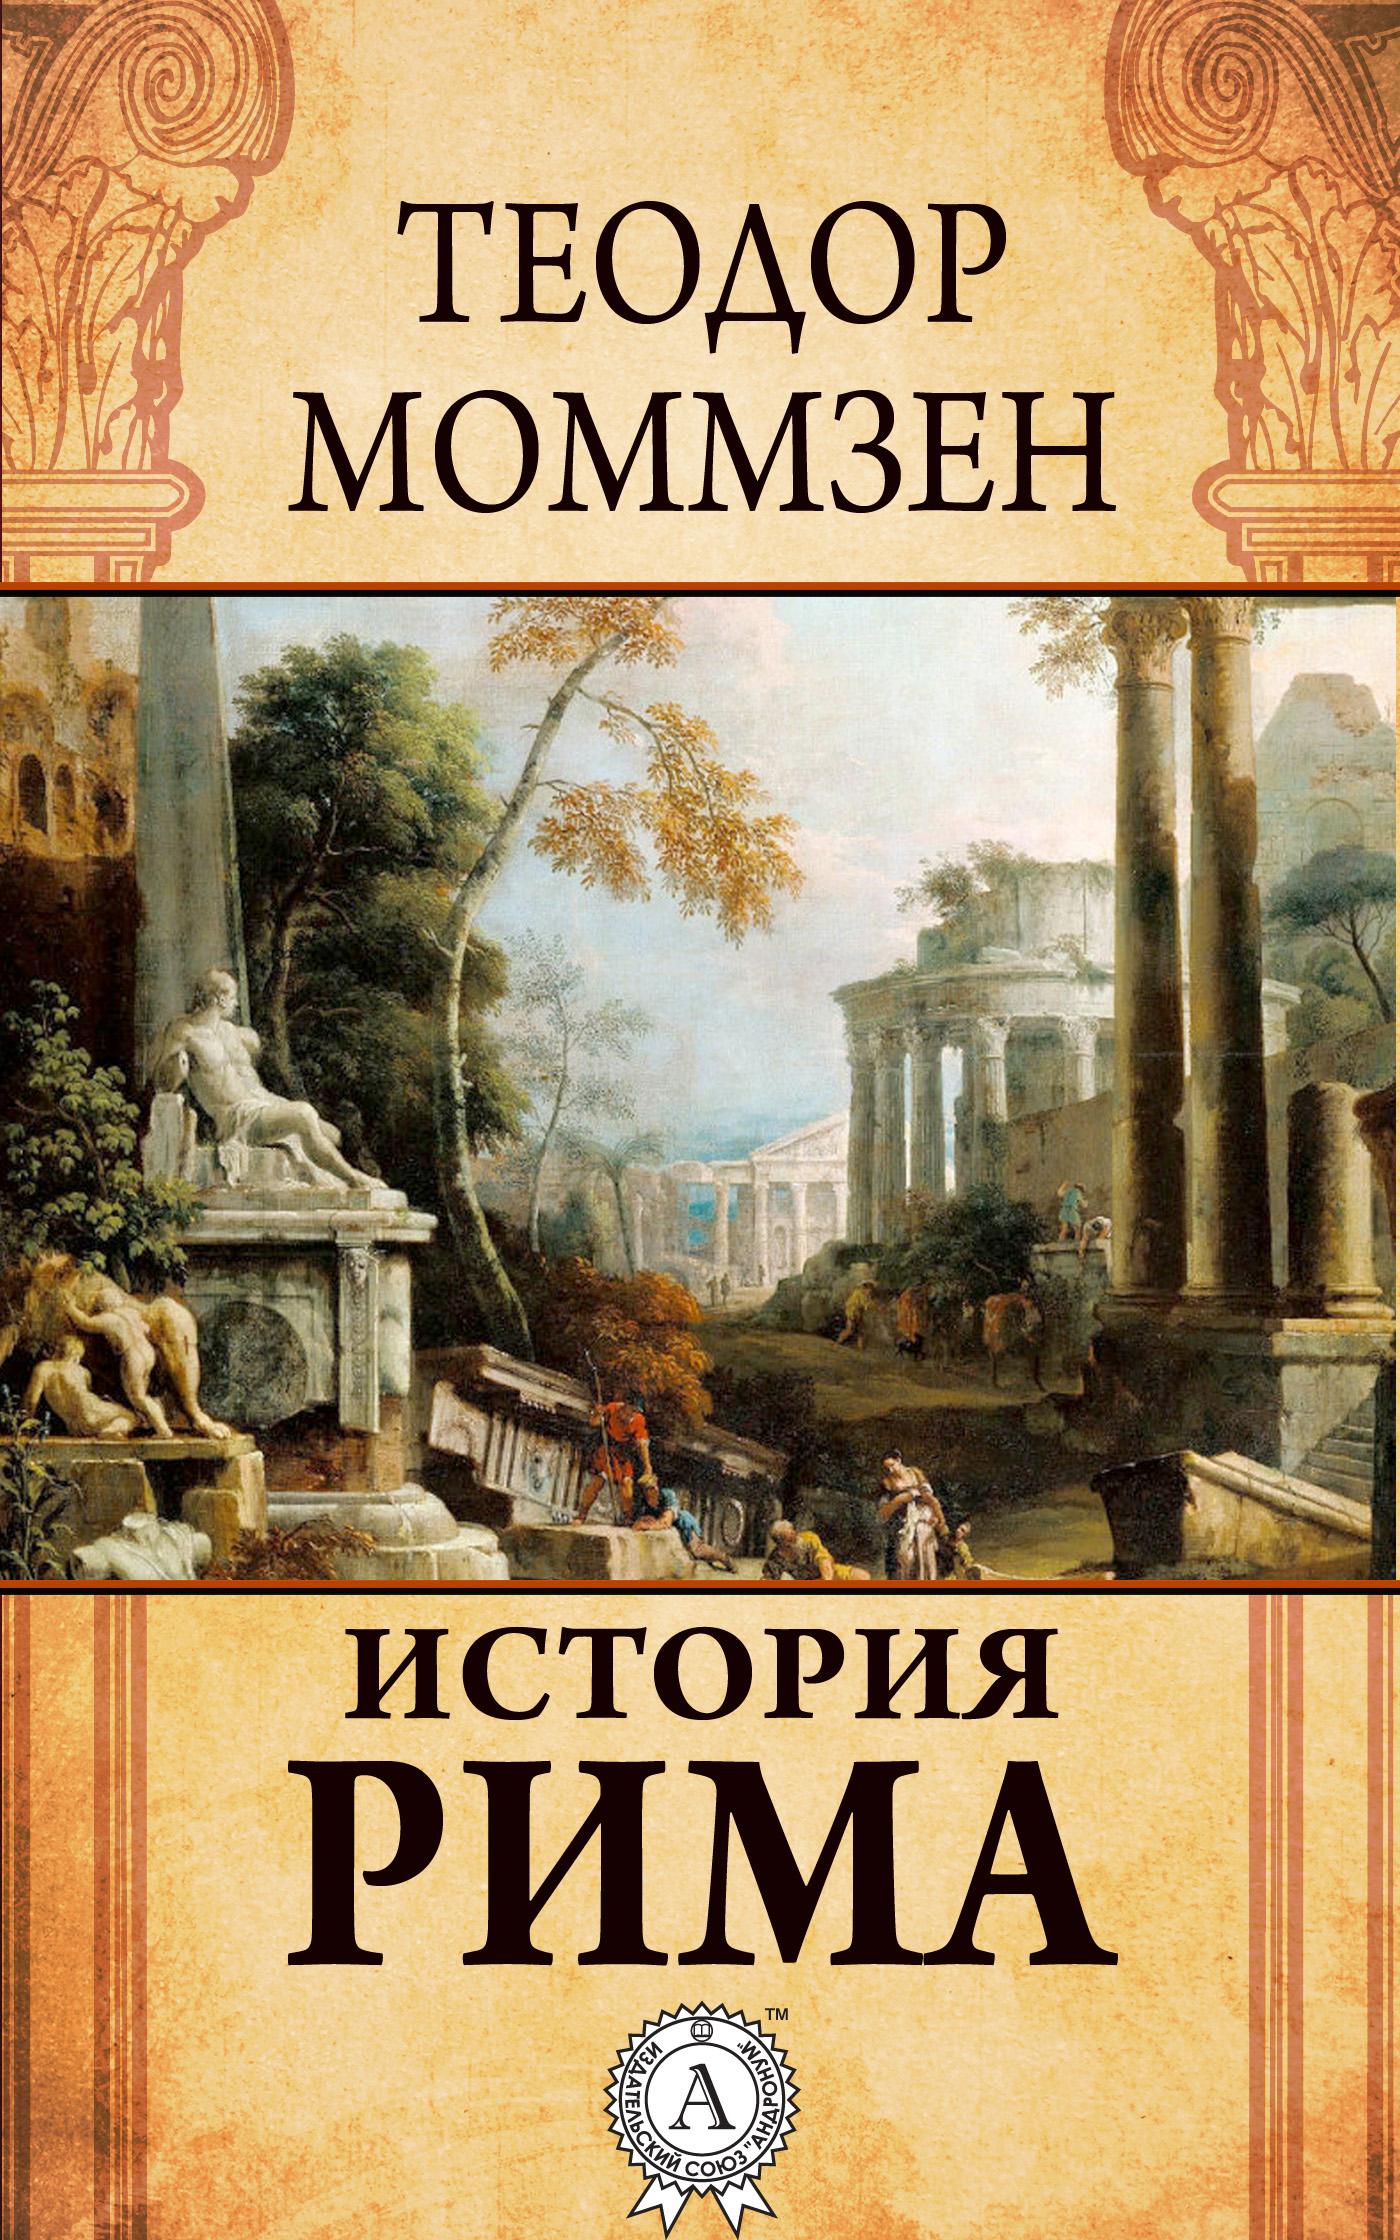 История рима скачать книгу бесплатно